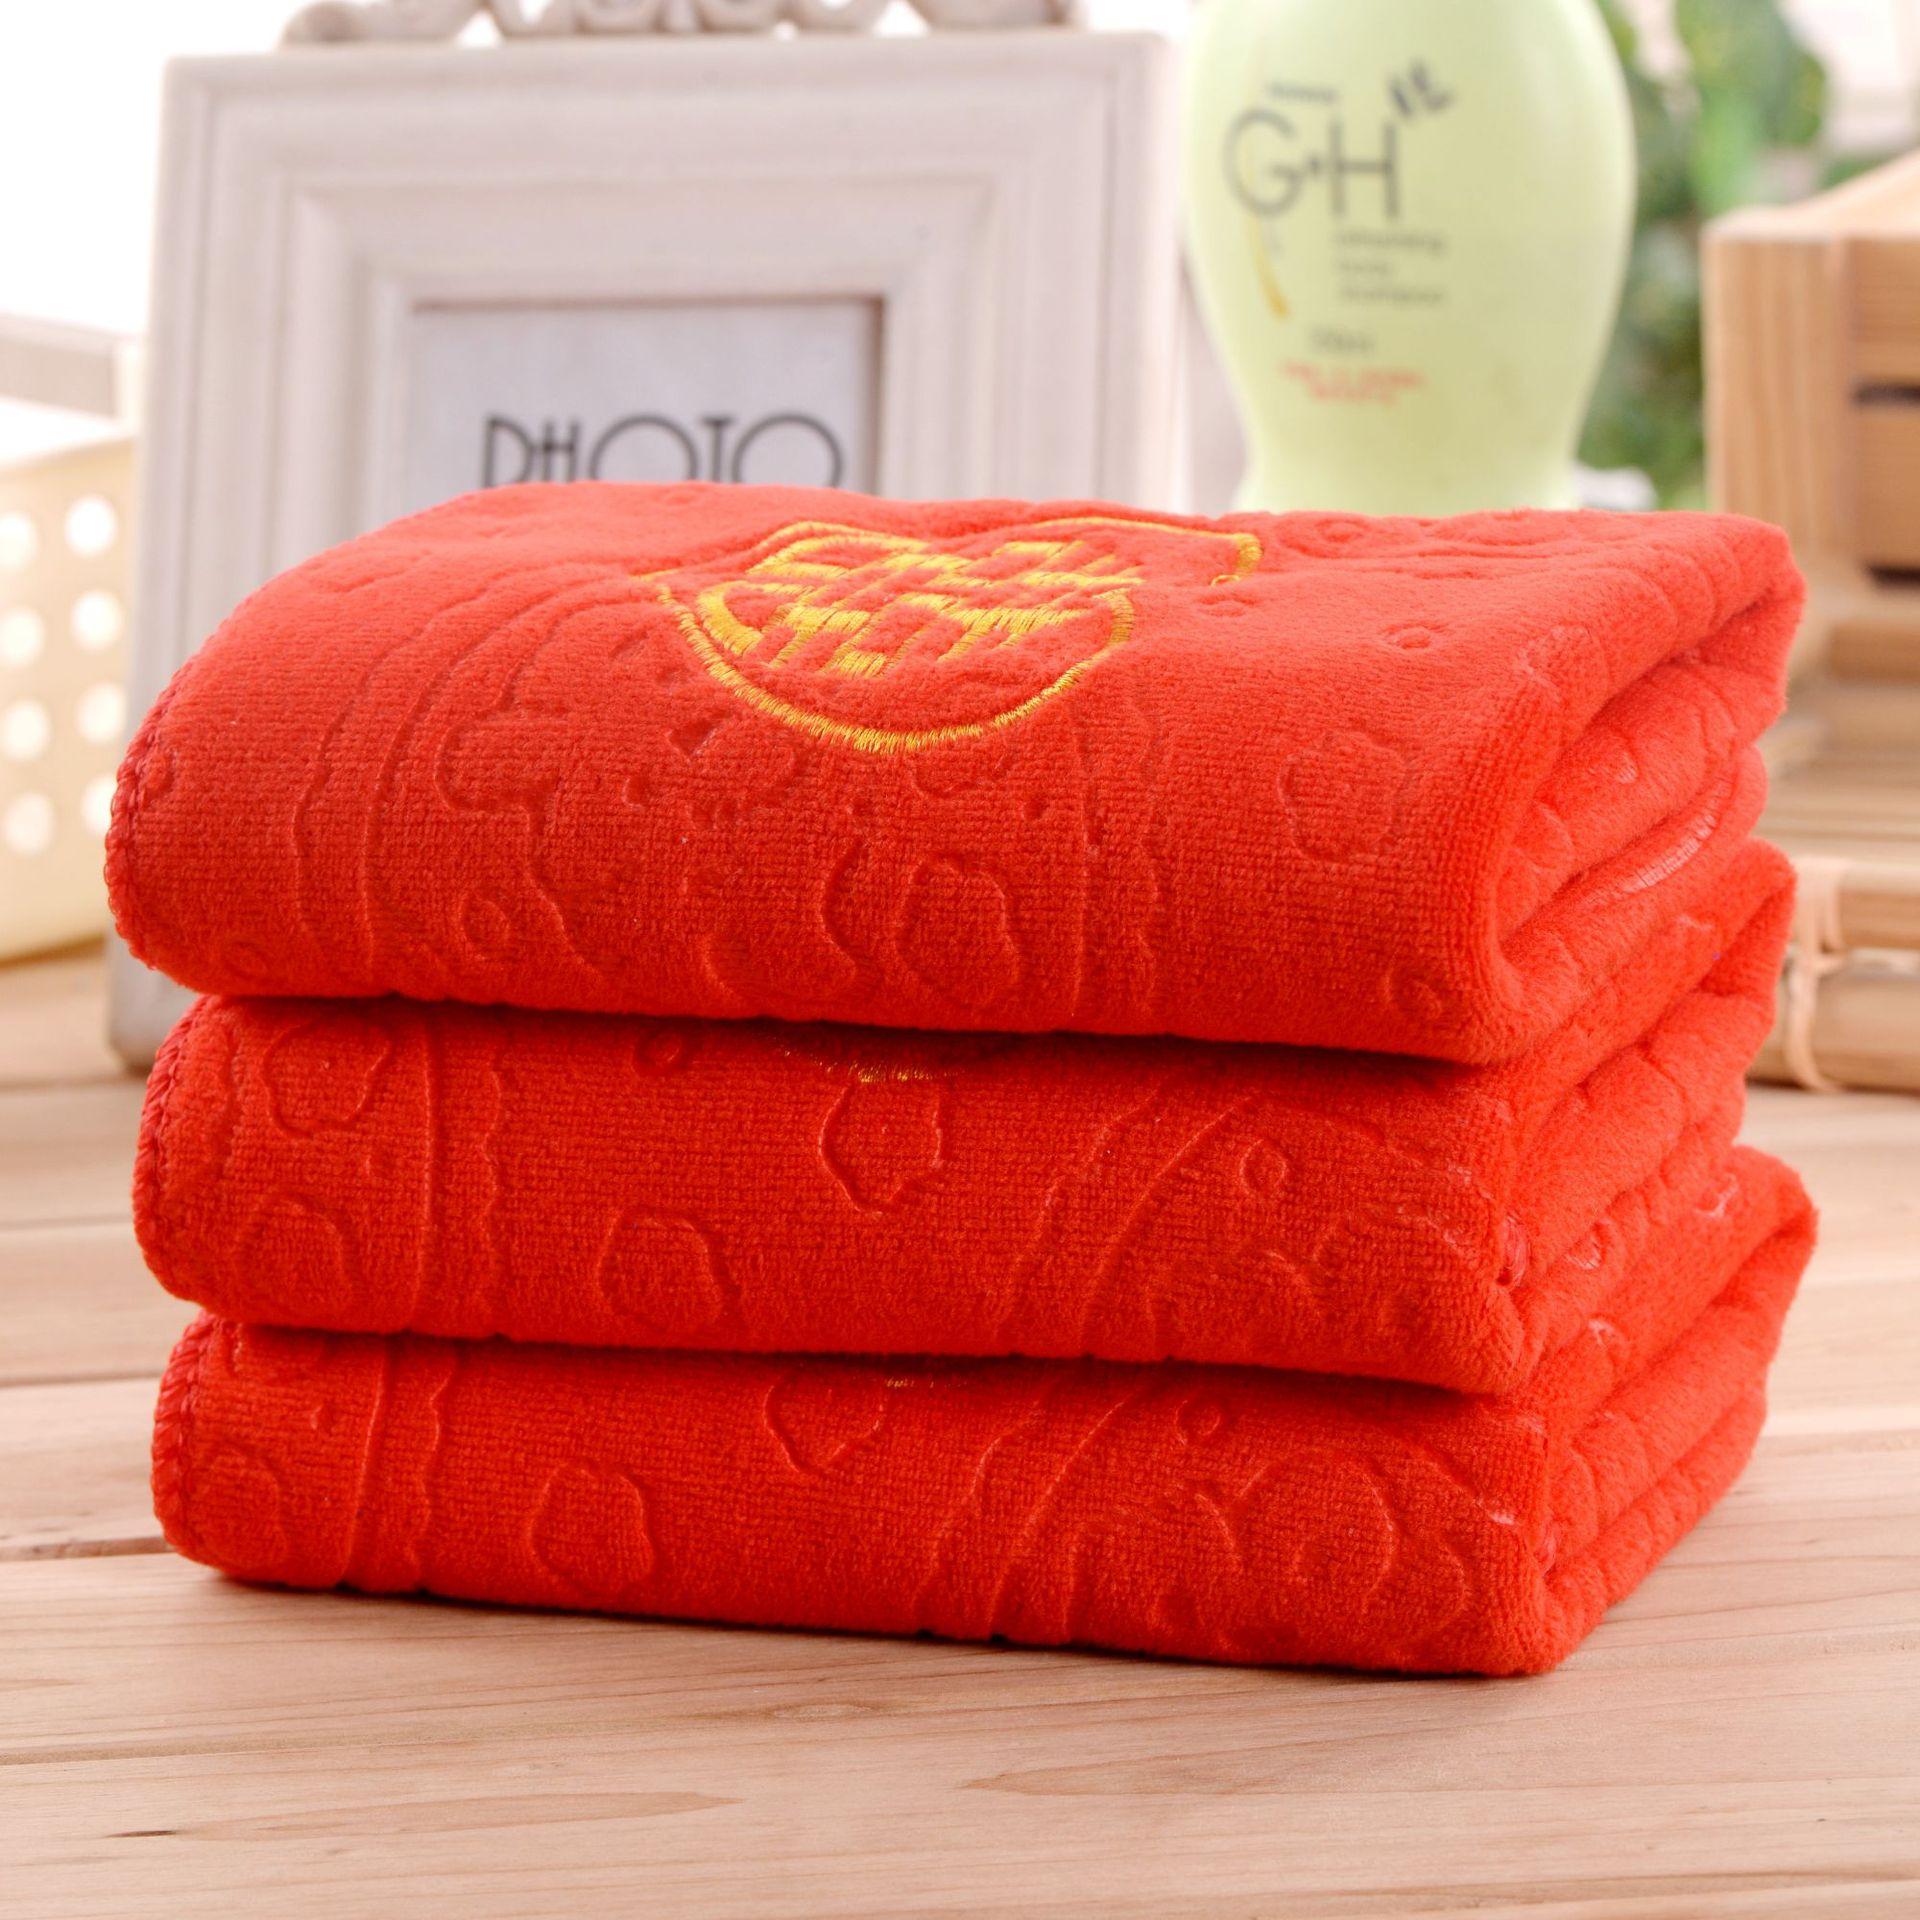 JIUJIU Khăn đám cưới Quà tặng lễ hội màu đỏ Quà tặng đám cưới Khăn đỏ khăn sợi nhỏ 25 * 25 khăn poly